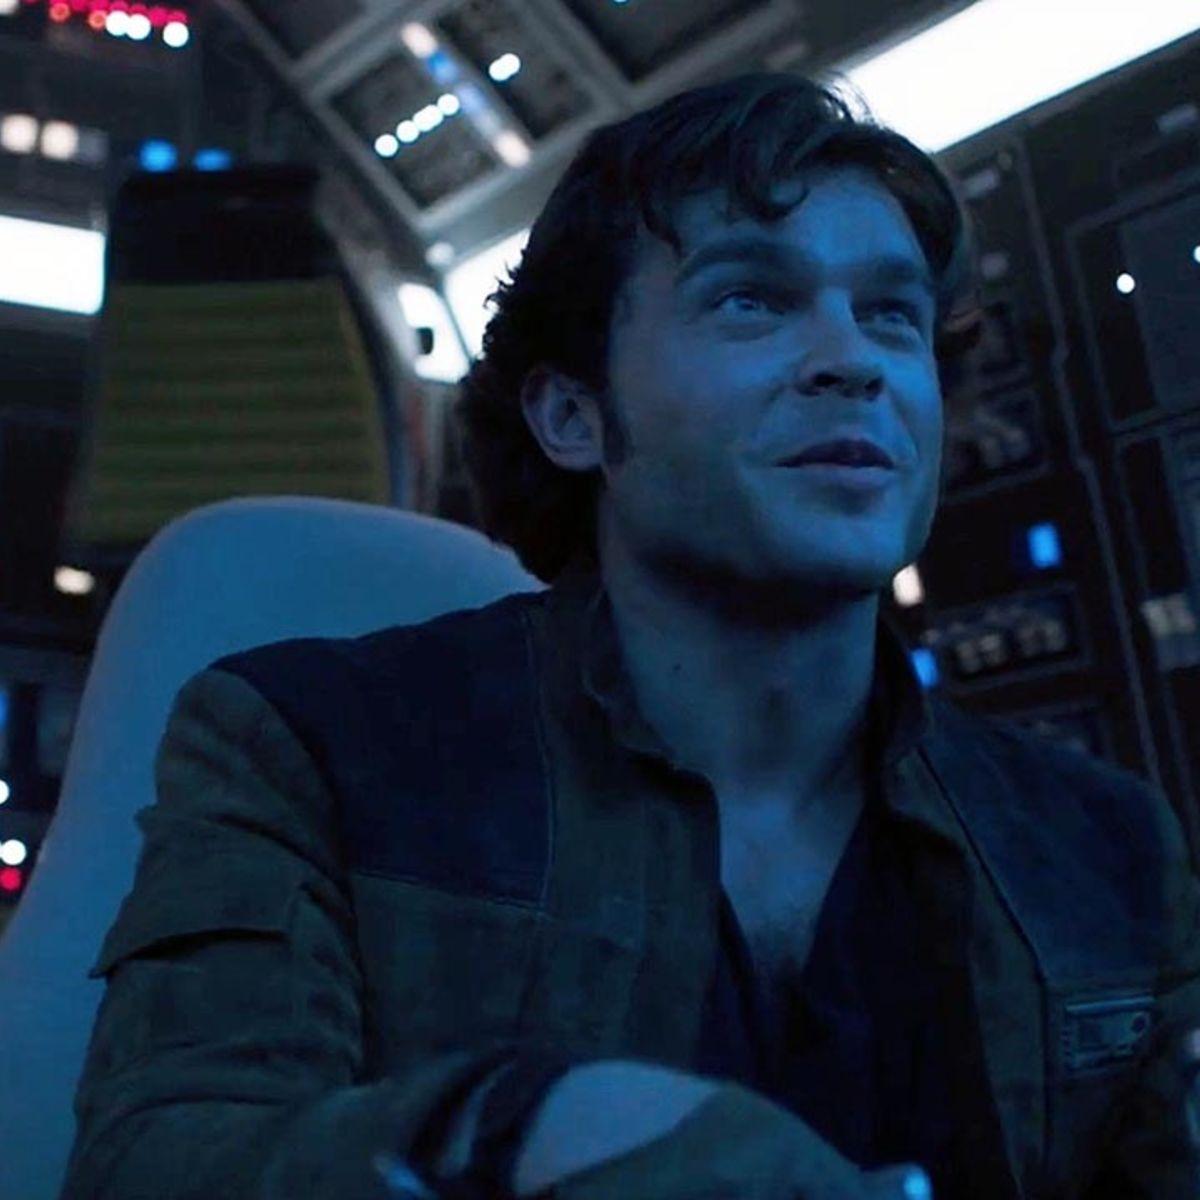 Han Solo in Solo: A Star Wars Story hero